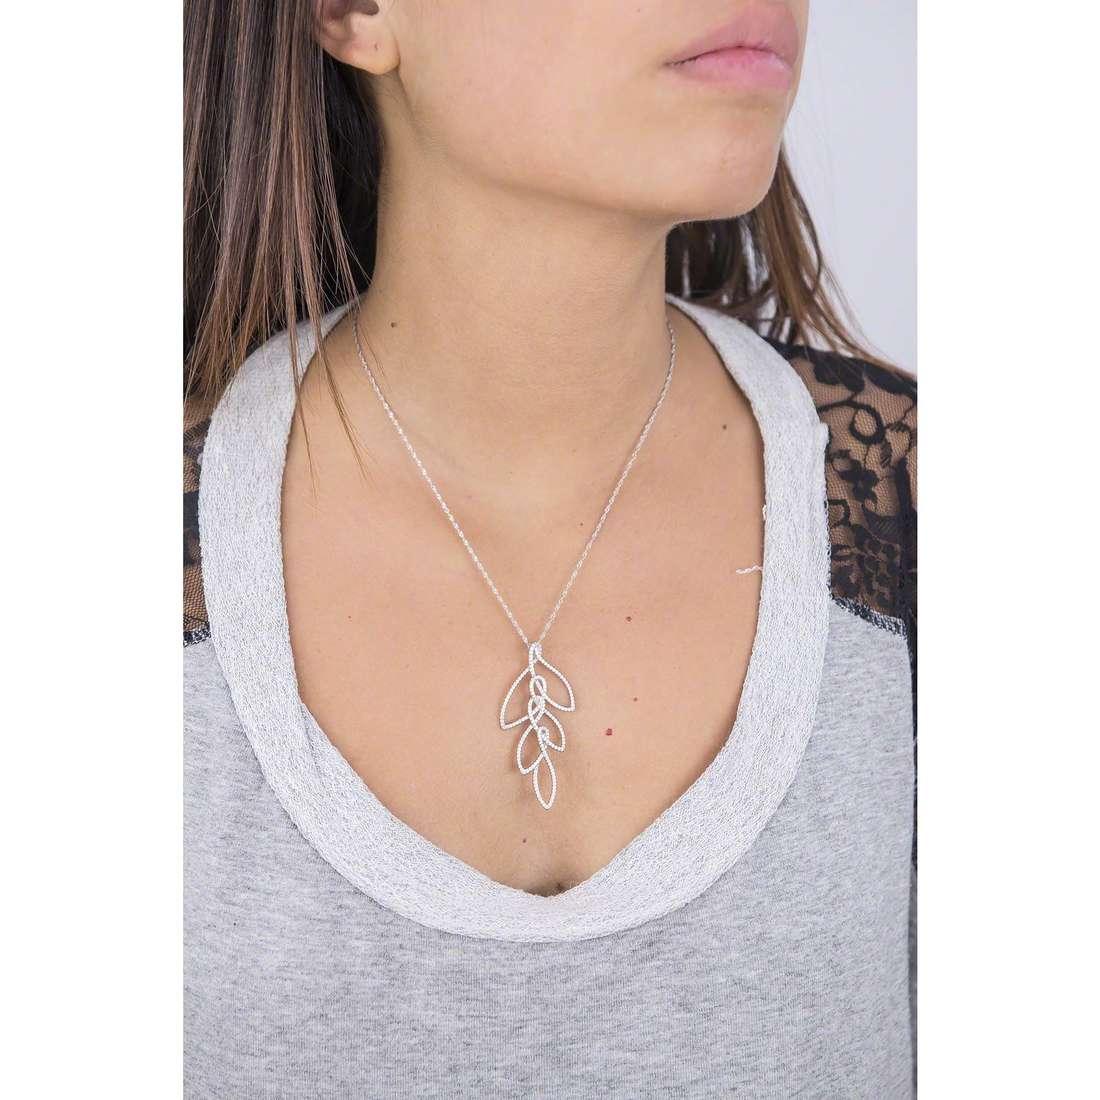 Morellato necklaces 1930 Michelle Hunziker woman SAHA04 indosso